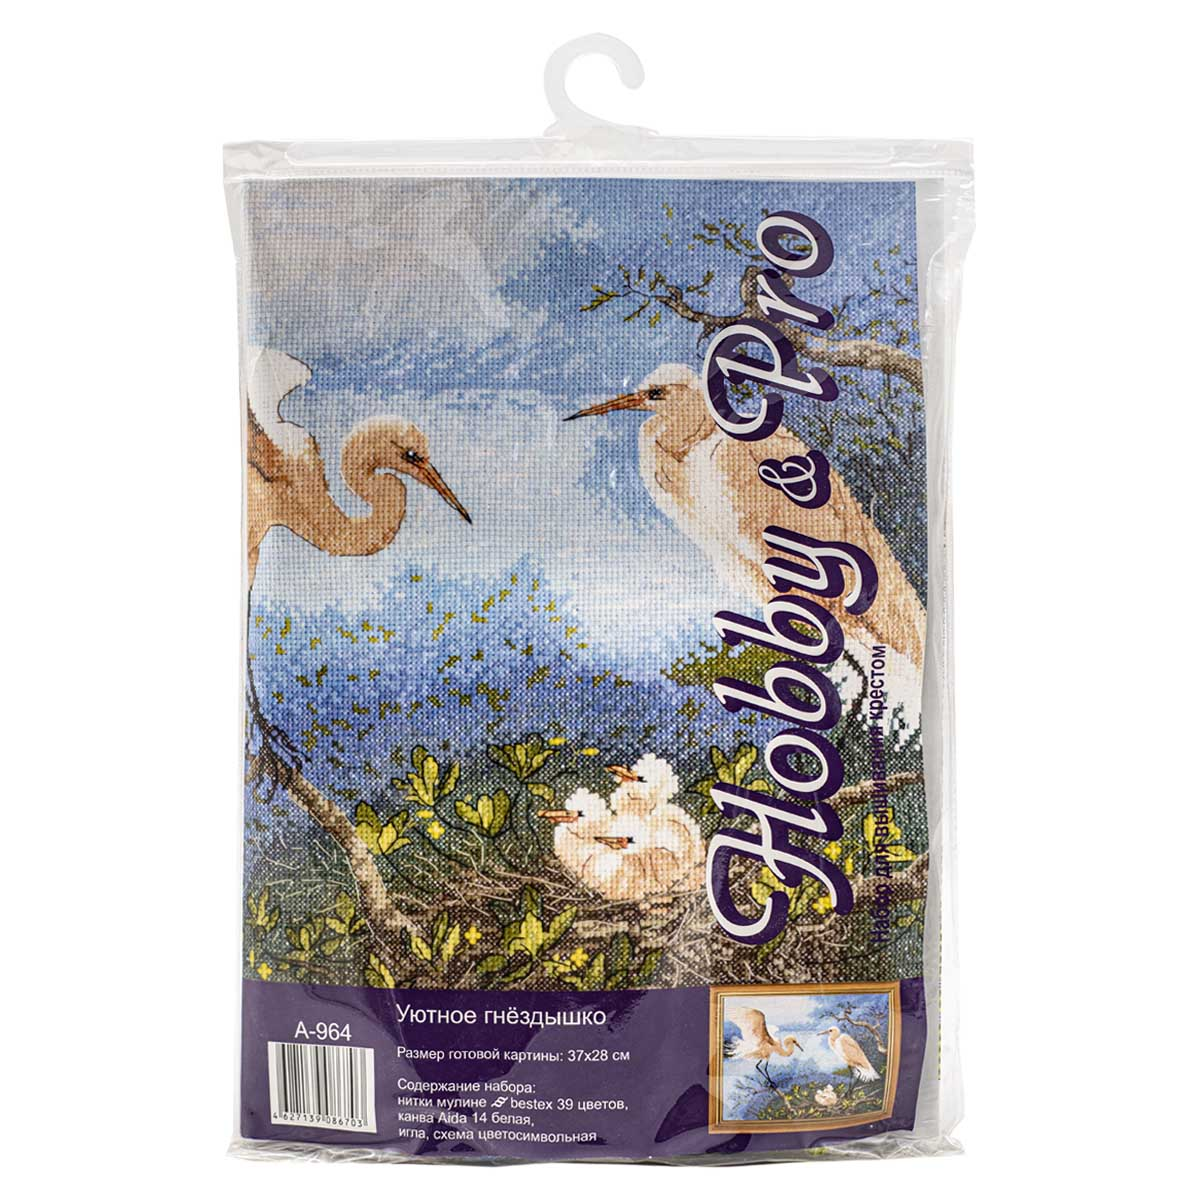 Набор для вышивания'Уютное гнездышко' 37*28см, 964, Hobby&Pro